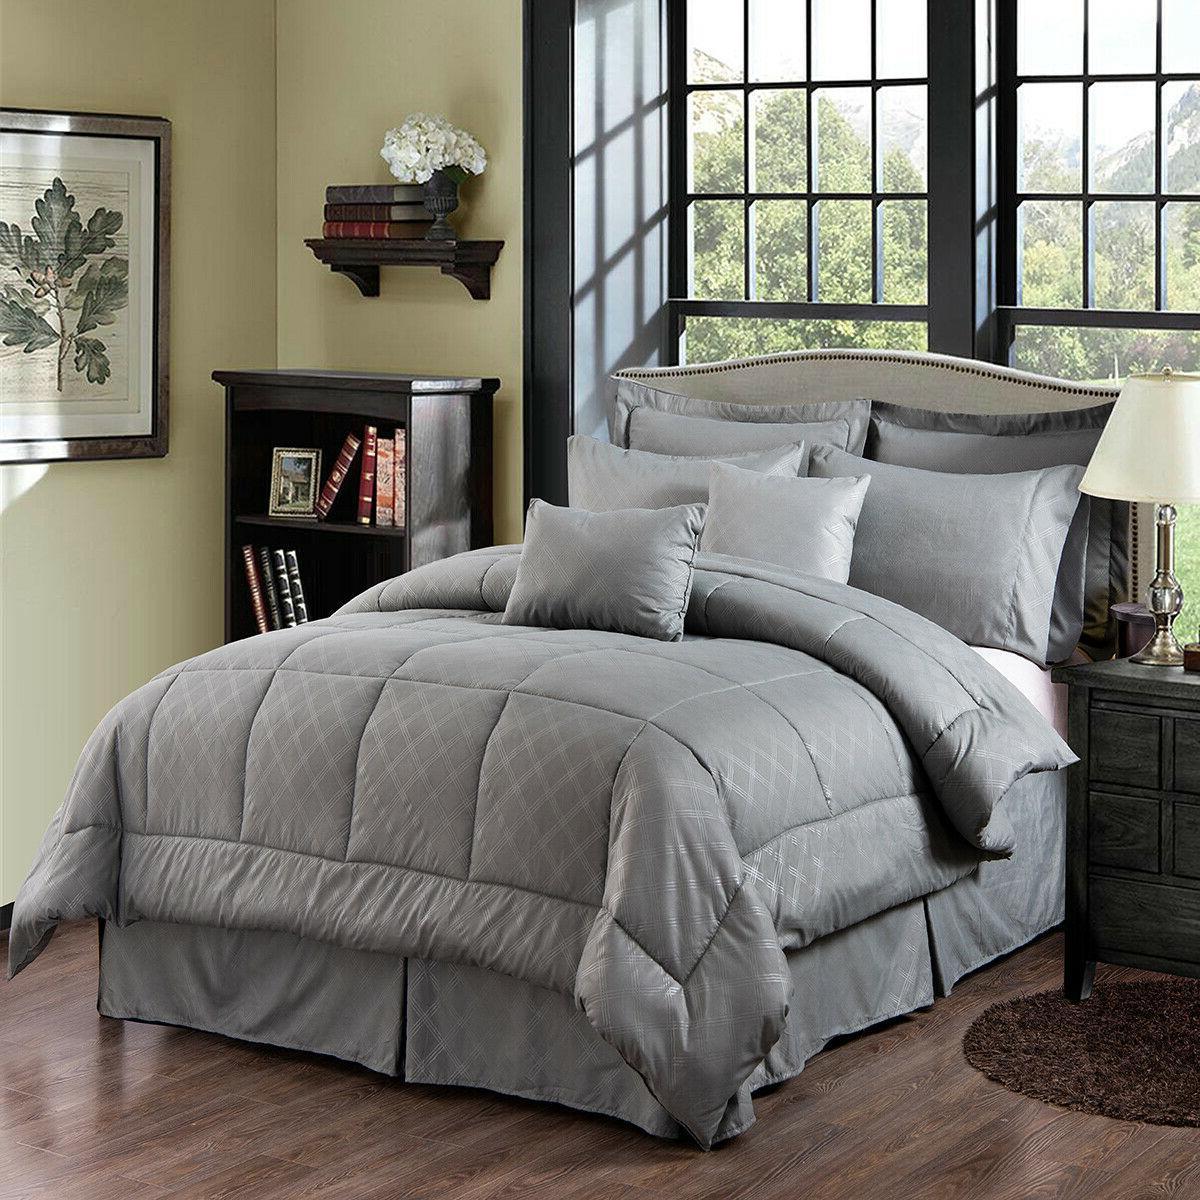 10-Piece Comforter Reversible Bedding King/Cal King